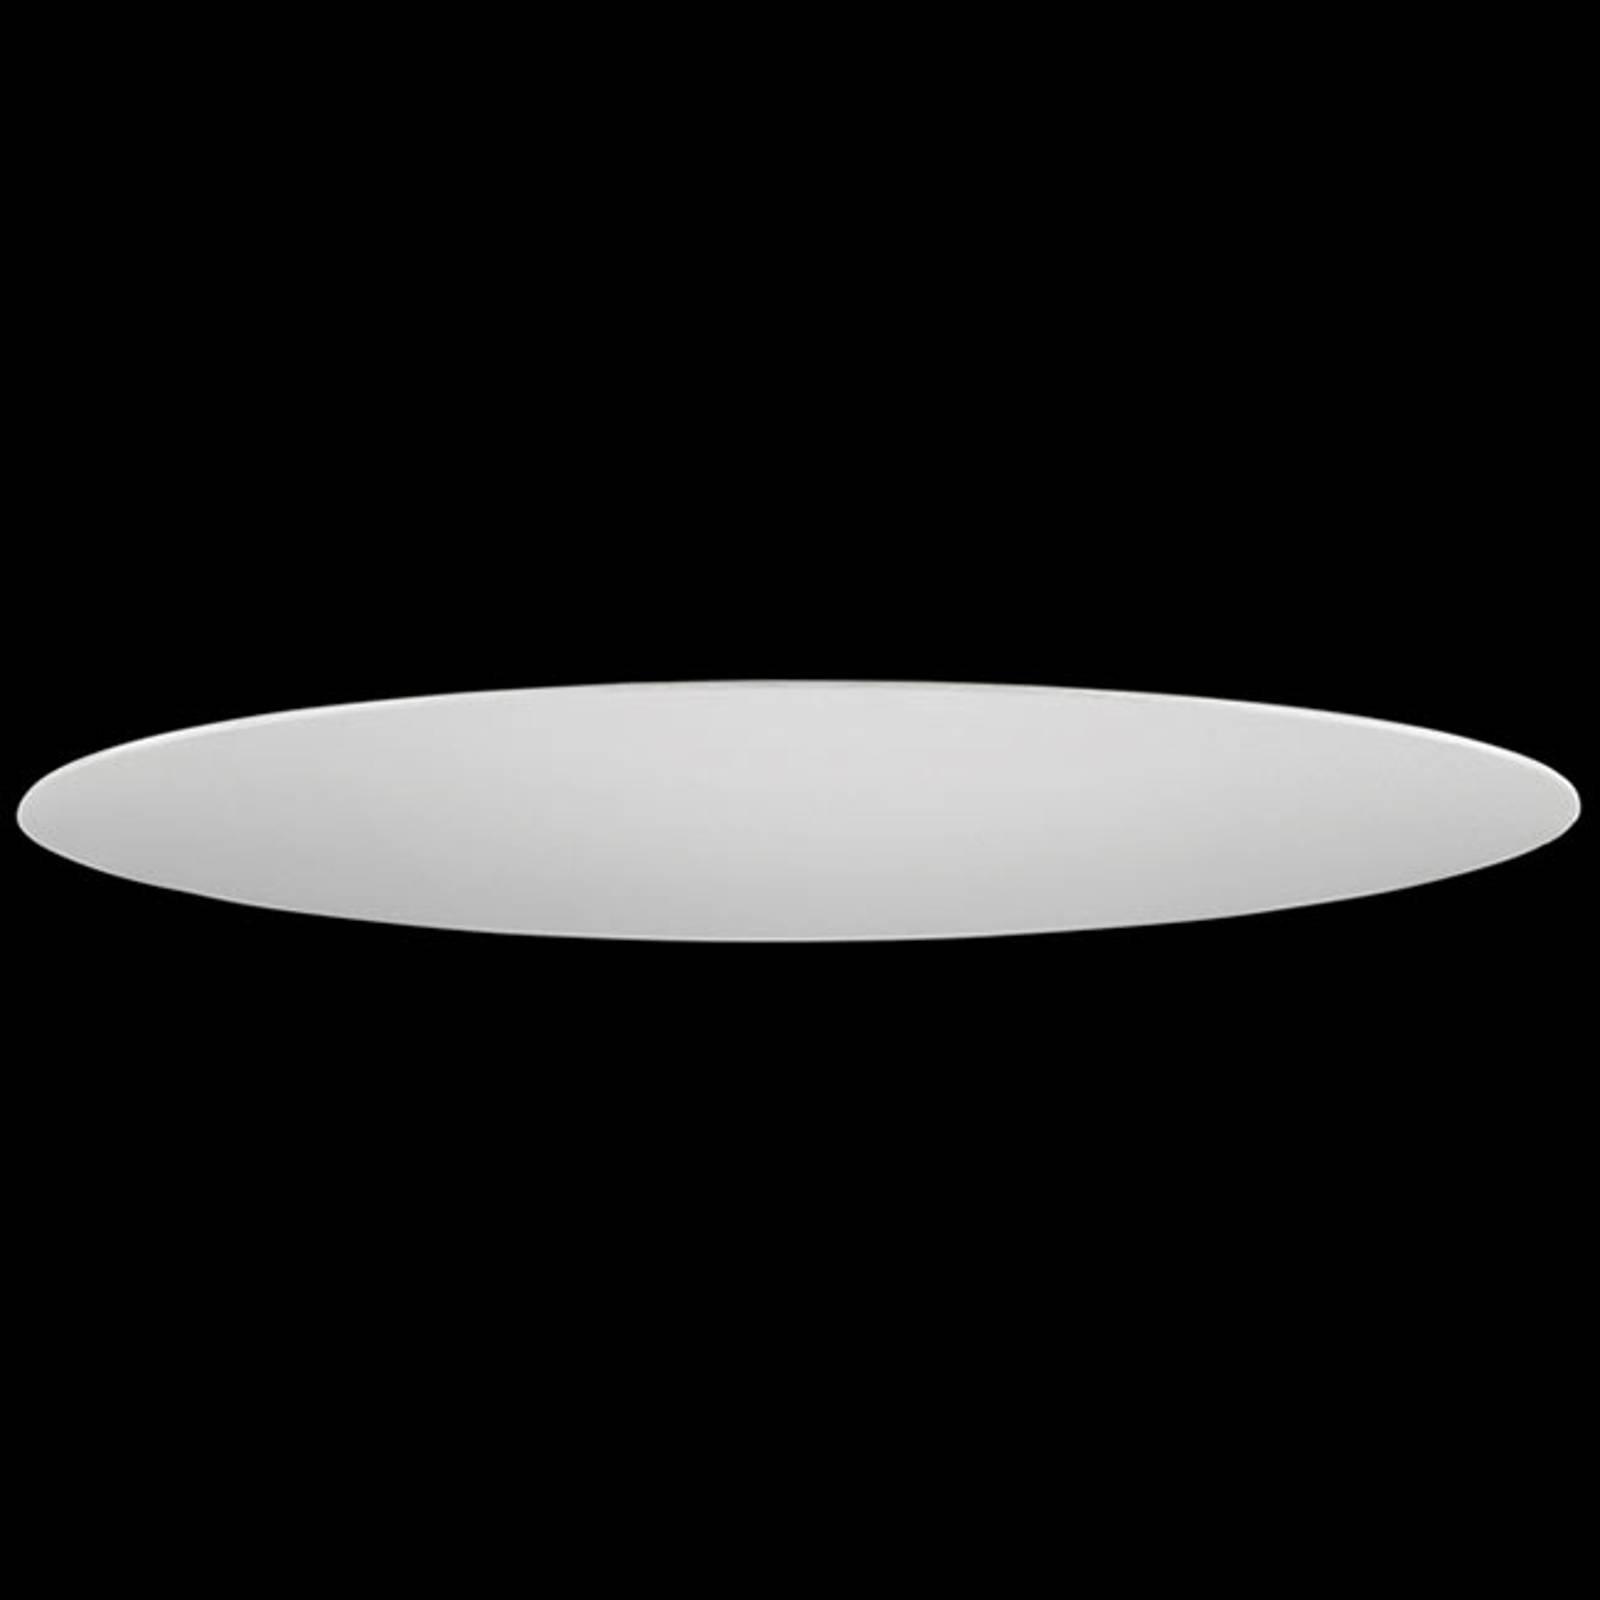 Skjerm til HV-skinne 4, Ø 40 cm, chintz, krem